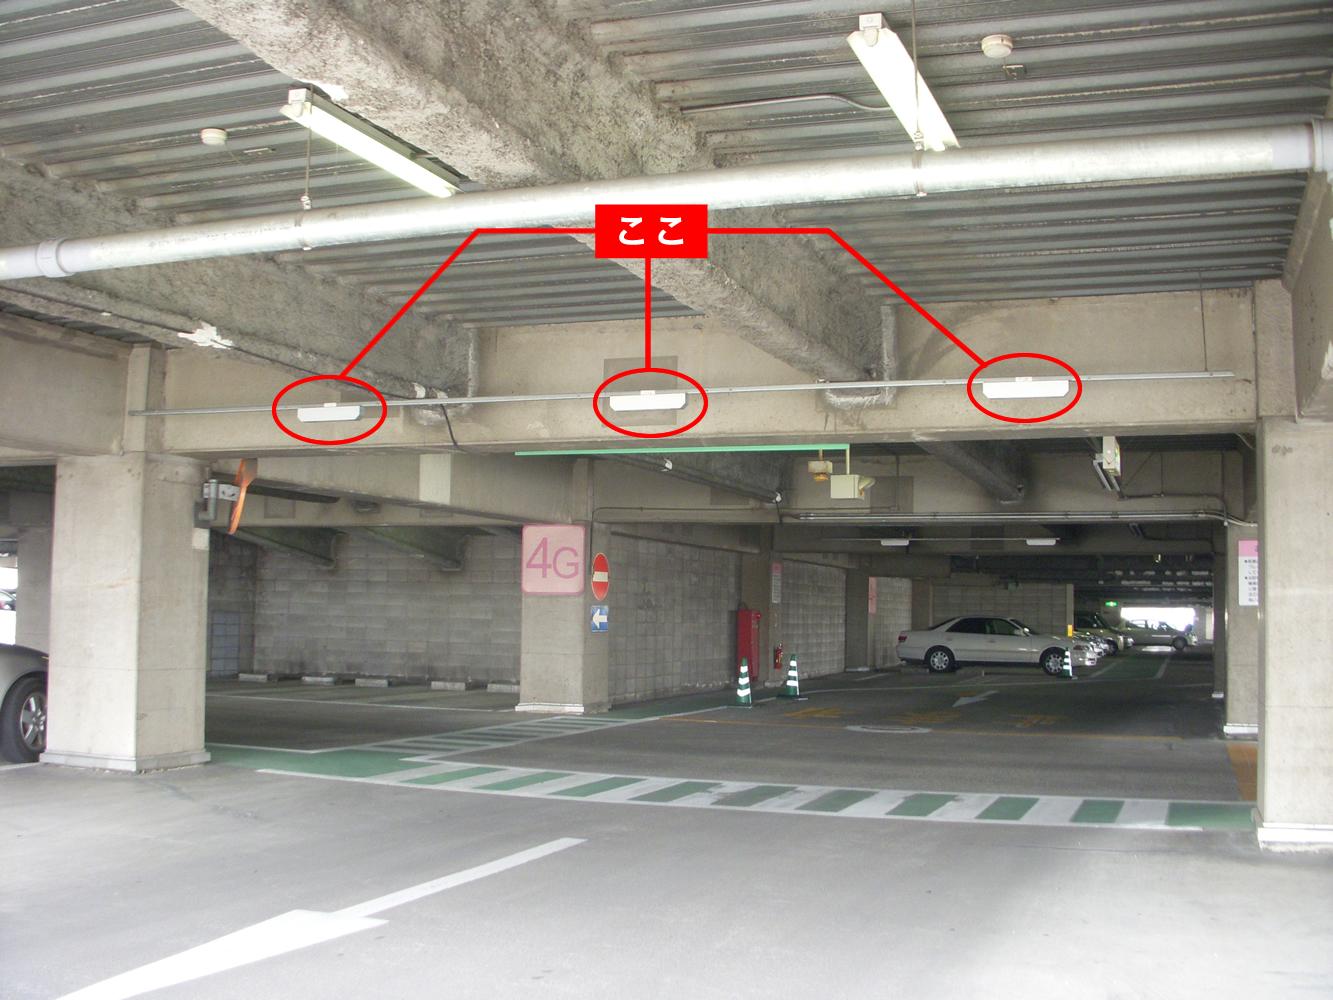 的確に車両をカウントできる。天井取付型なので既存現場にも取り付け出来る。